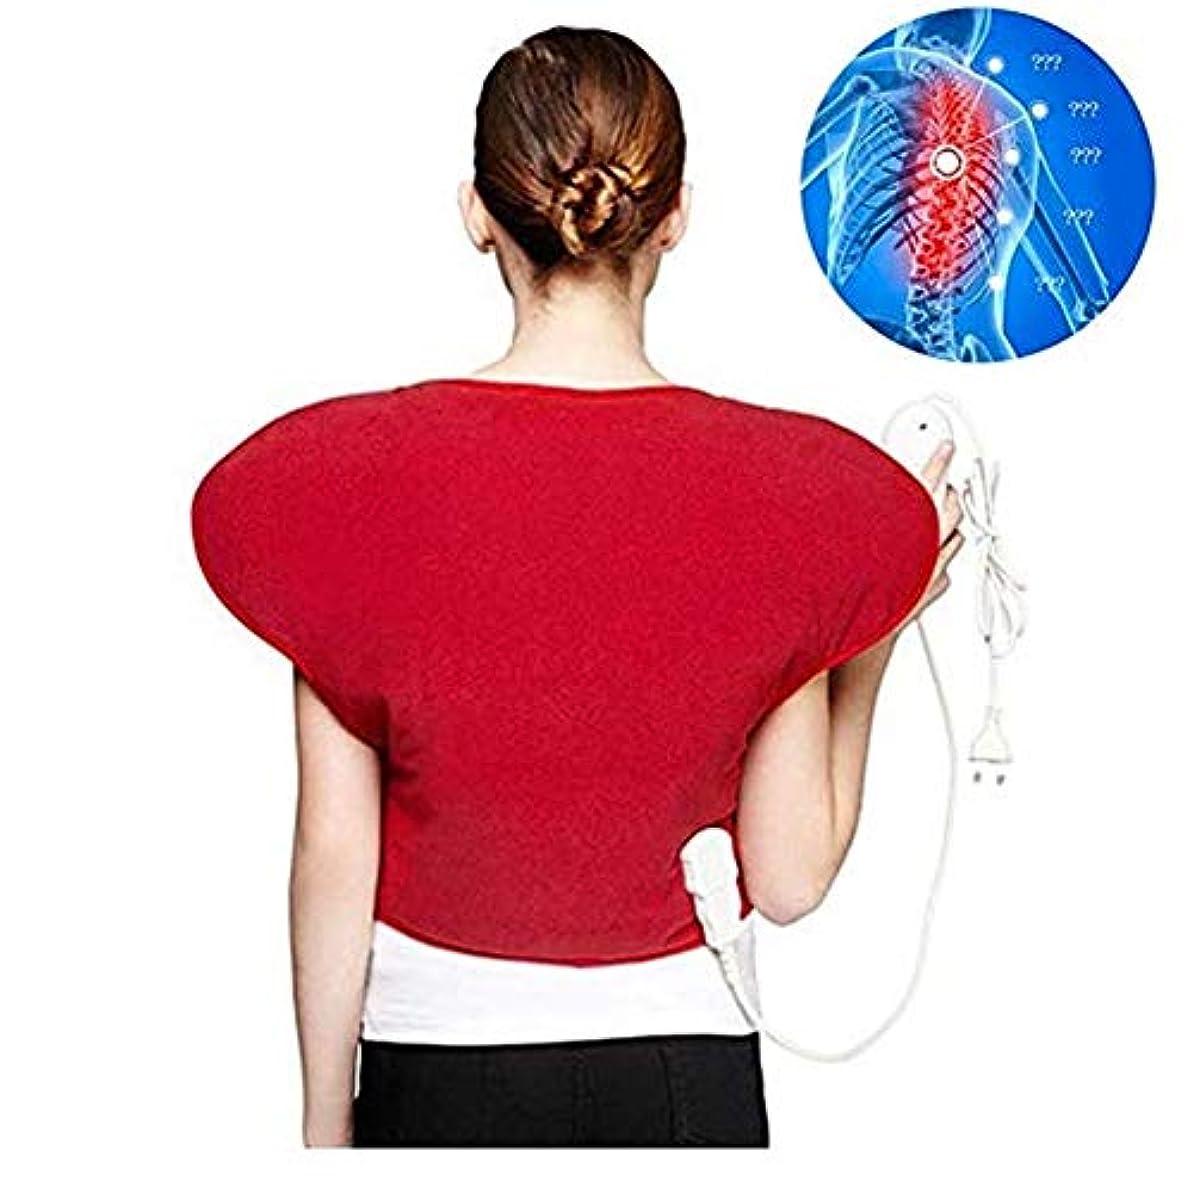 治すブラストリル肩と首の電気ヒーターパッド - 物理的な痛みの救済ホットヒートのベスト、3ファイル一定の温度、自動パワーオフ、医療用品蝶形のマッサージのヒートパッド